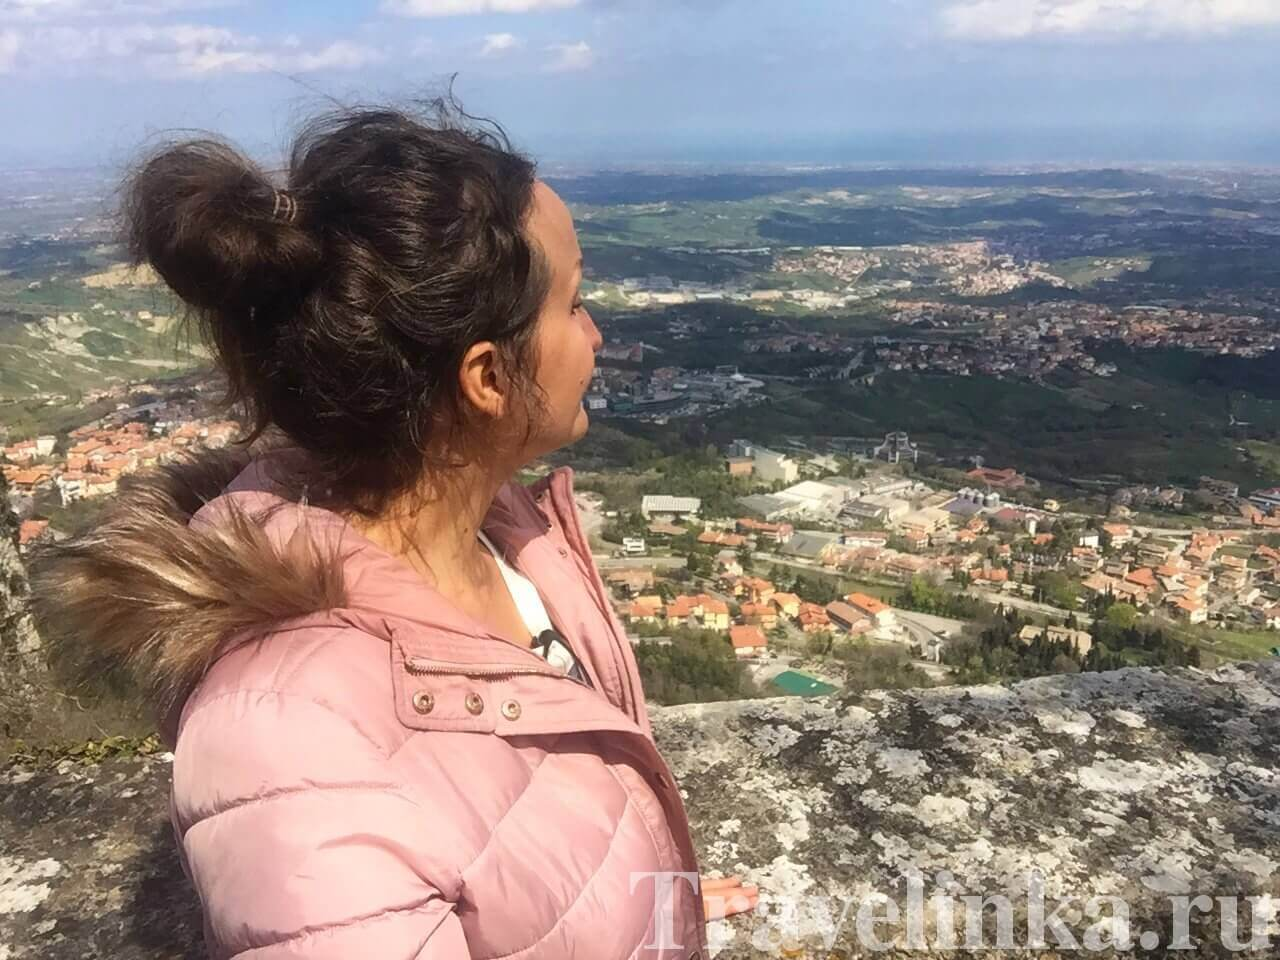 Экскурсии из Римини на русском языке